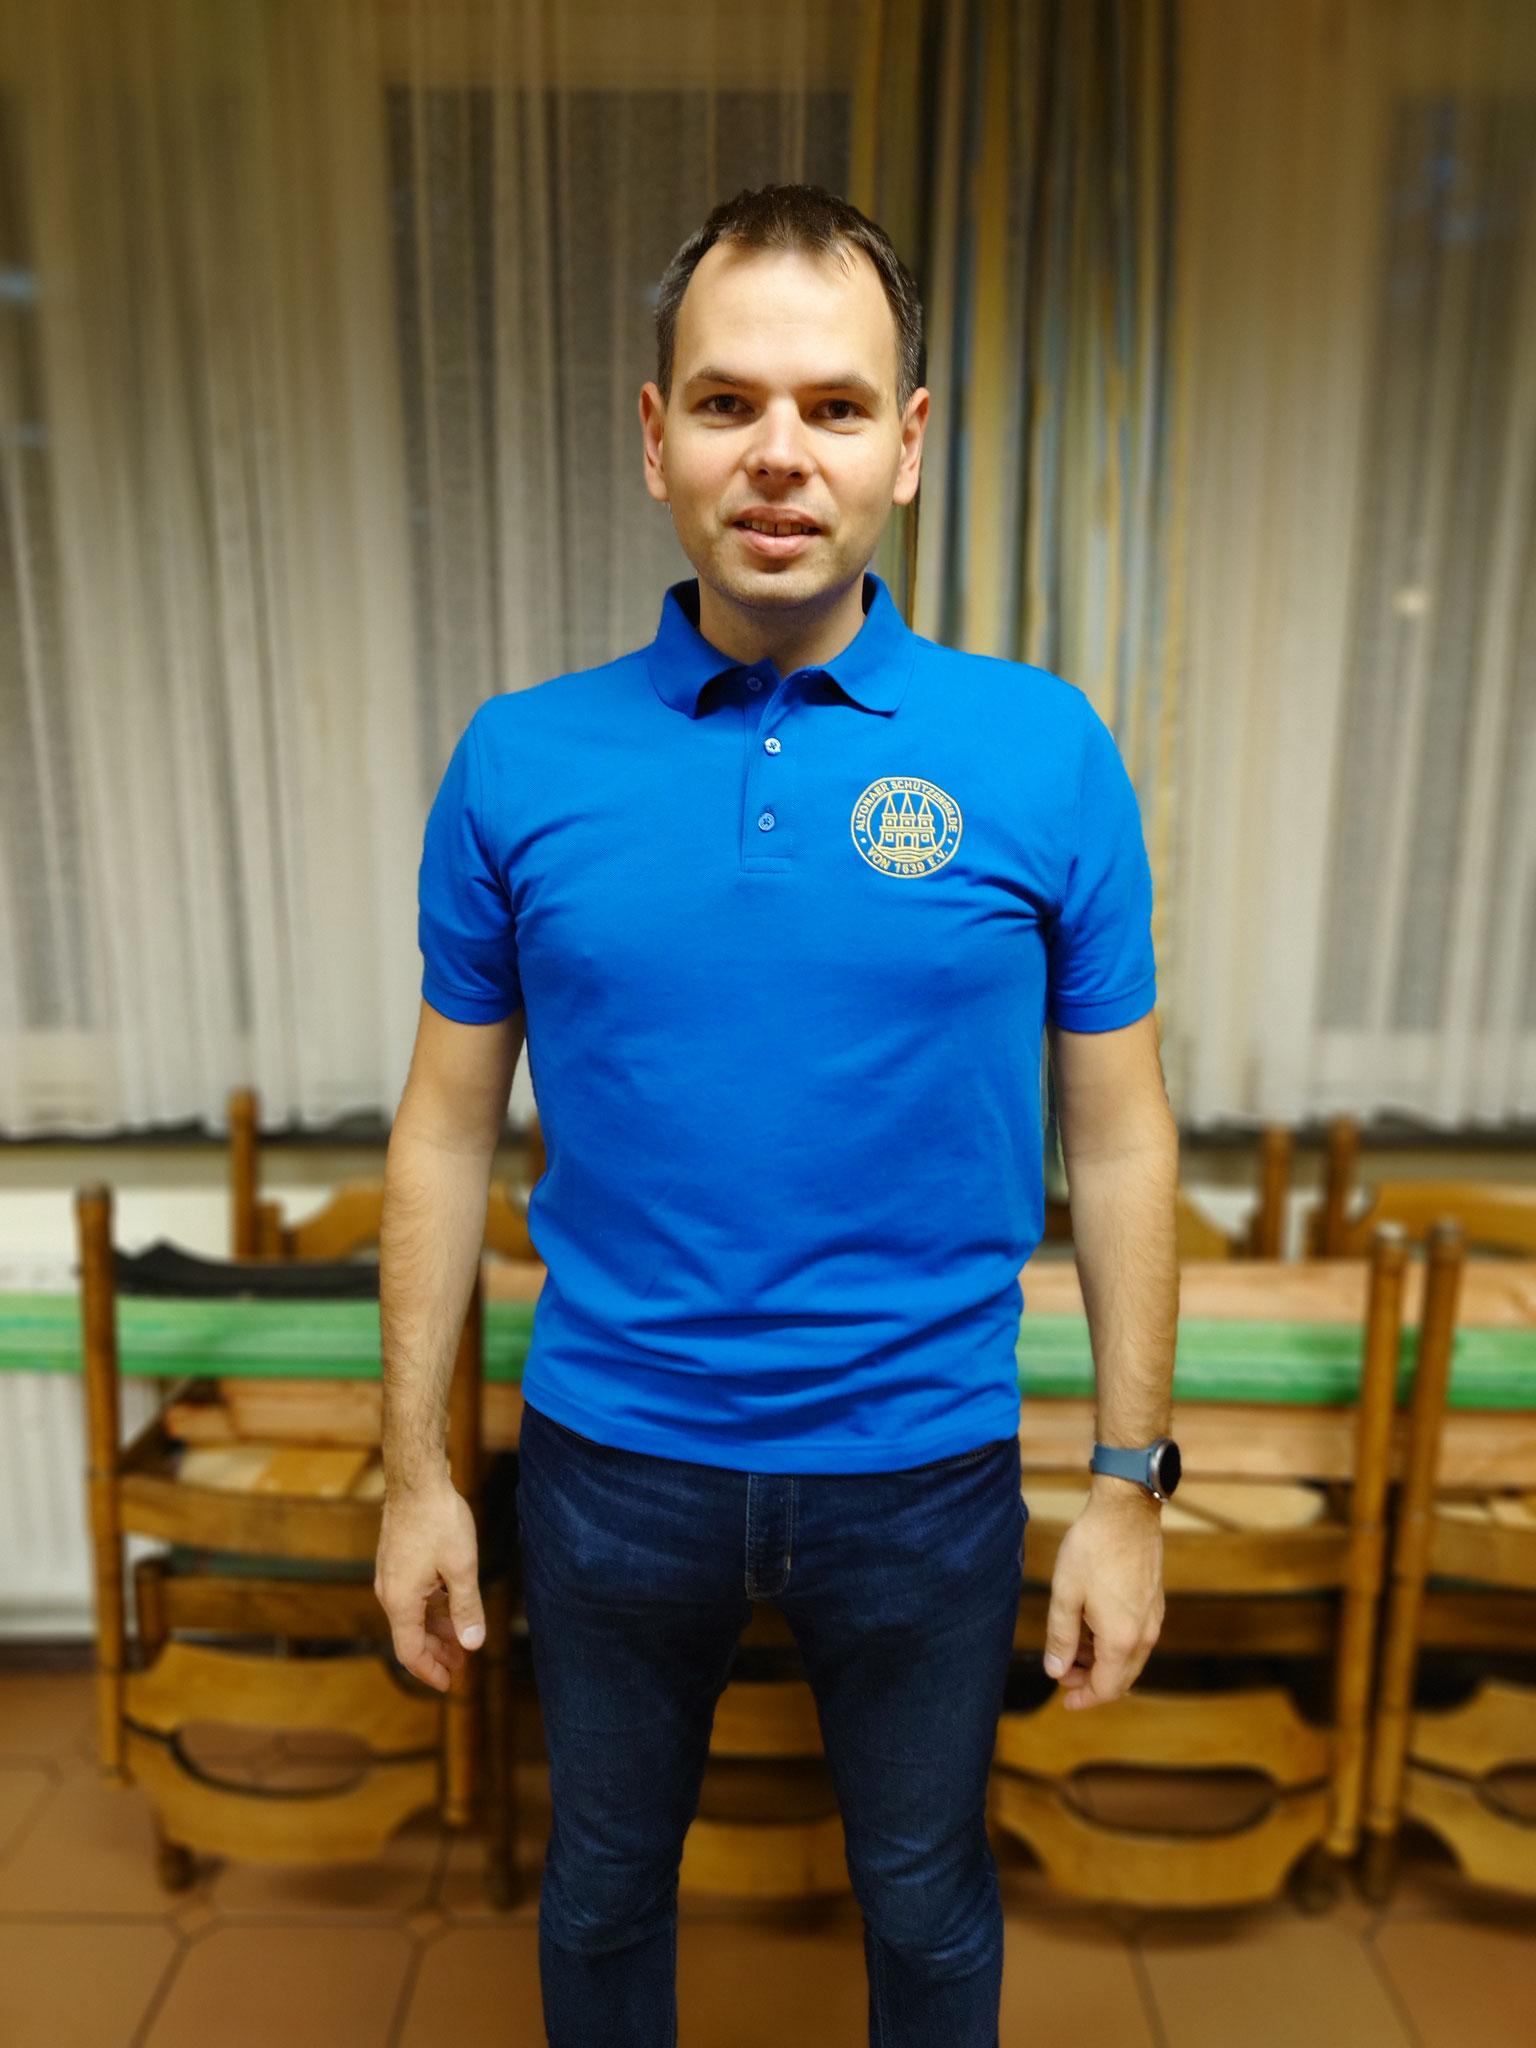 Polo-Shirt (M)